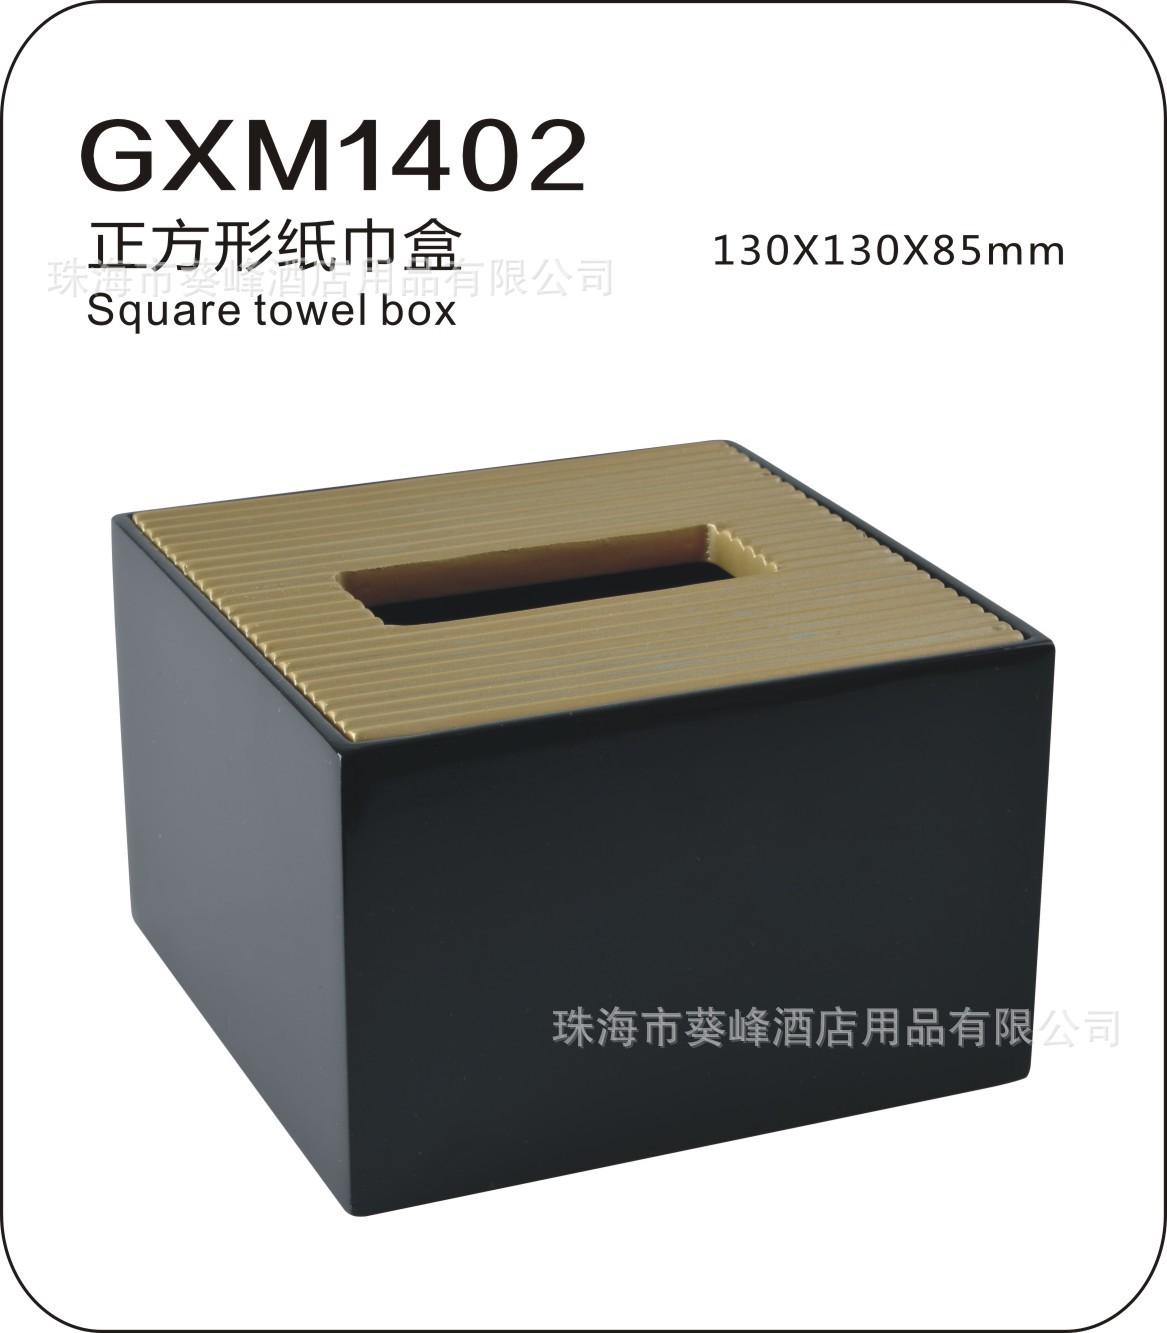 GXM1400系列 台垫 便签夹 纸巾盒 茶包盒 迷你吧托盘